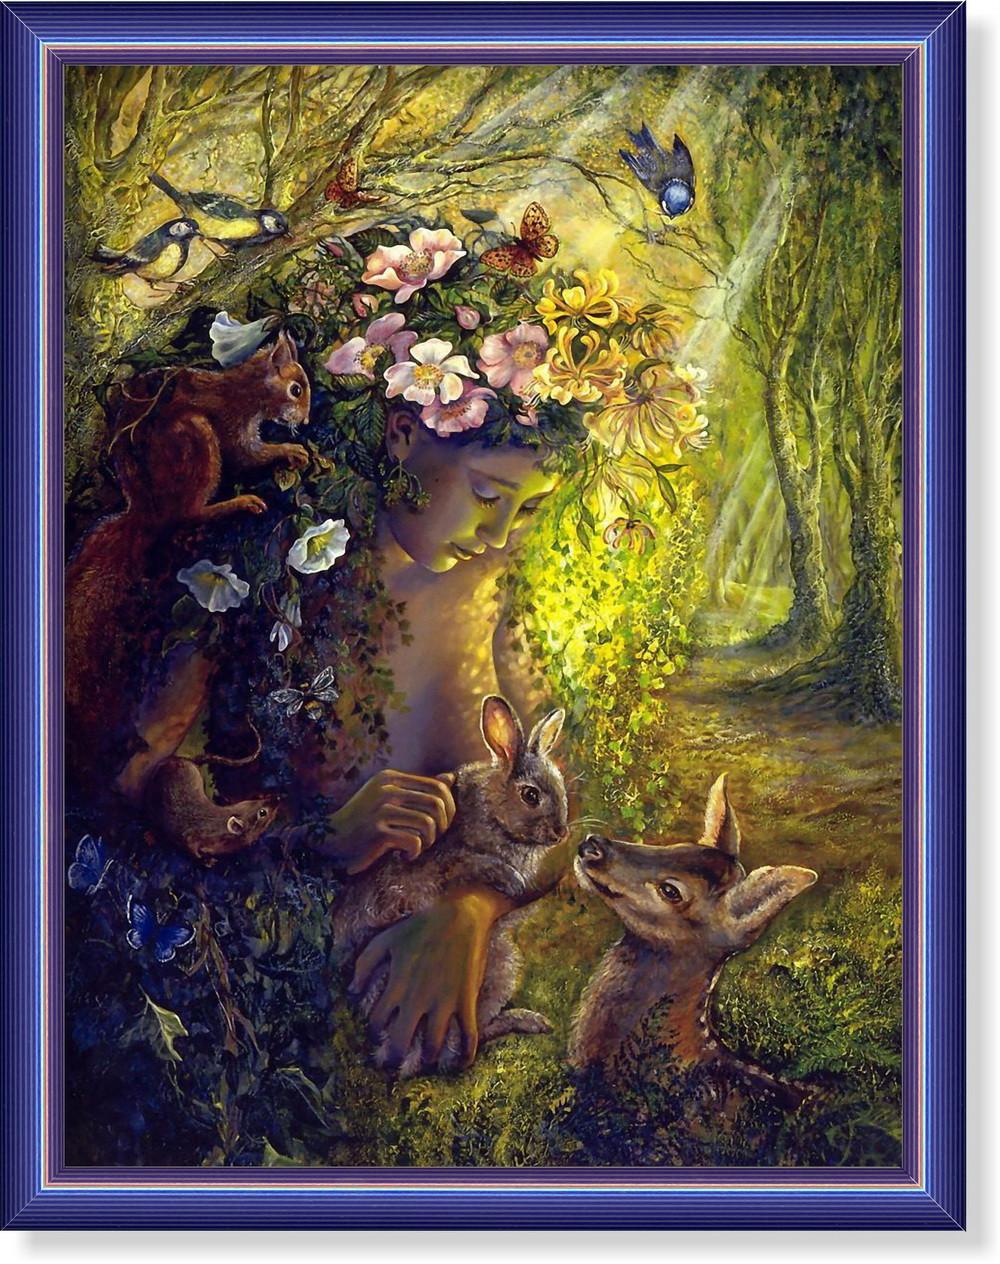 Репродукція сучасної картини «Дівчинка і оленята»